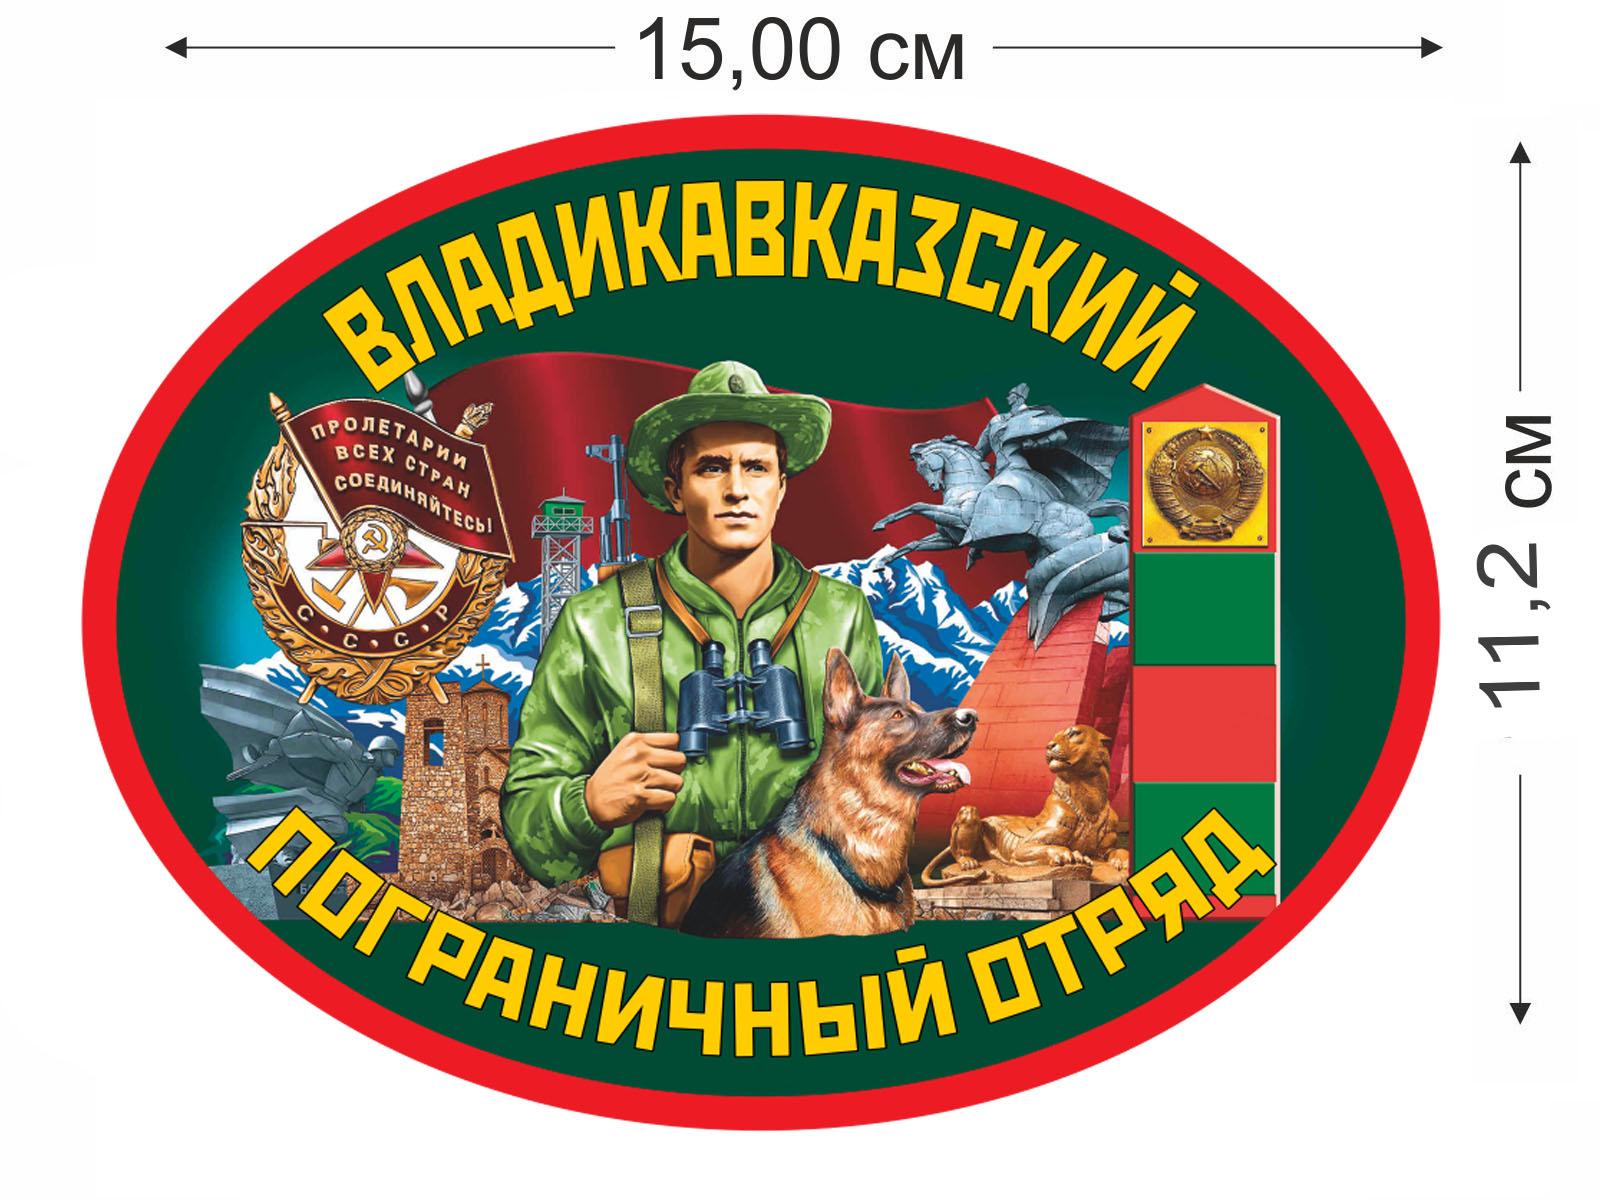 Наклейка Владикавказский погранотряд